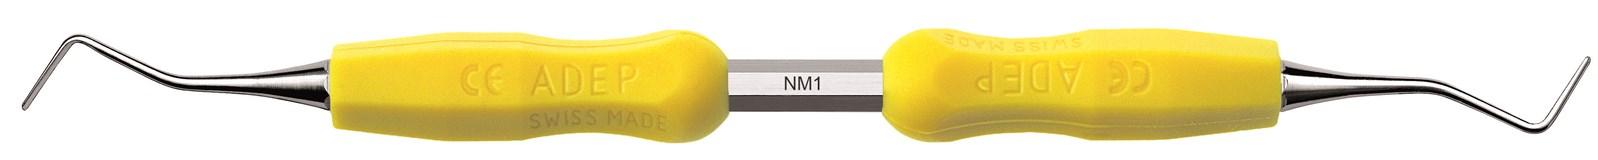 Lžičkové dlátko - NM1, ADEP světle zelený